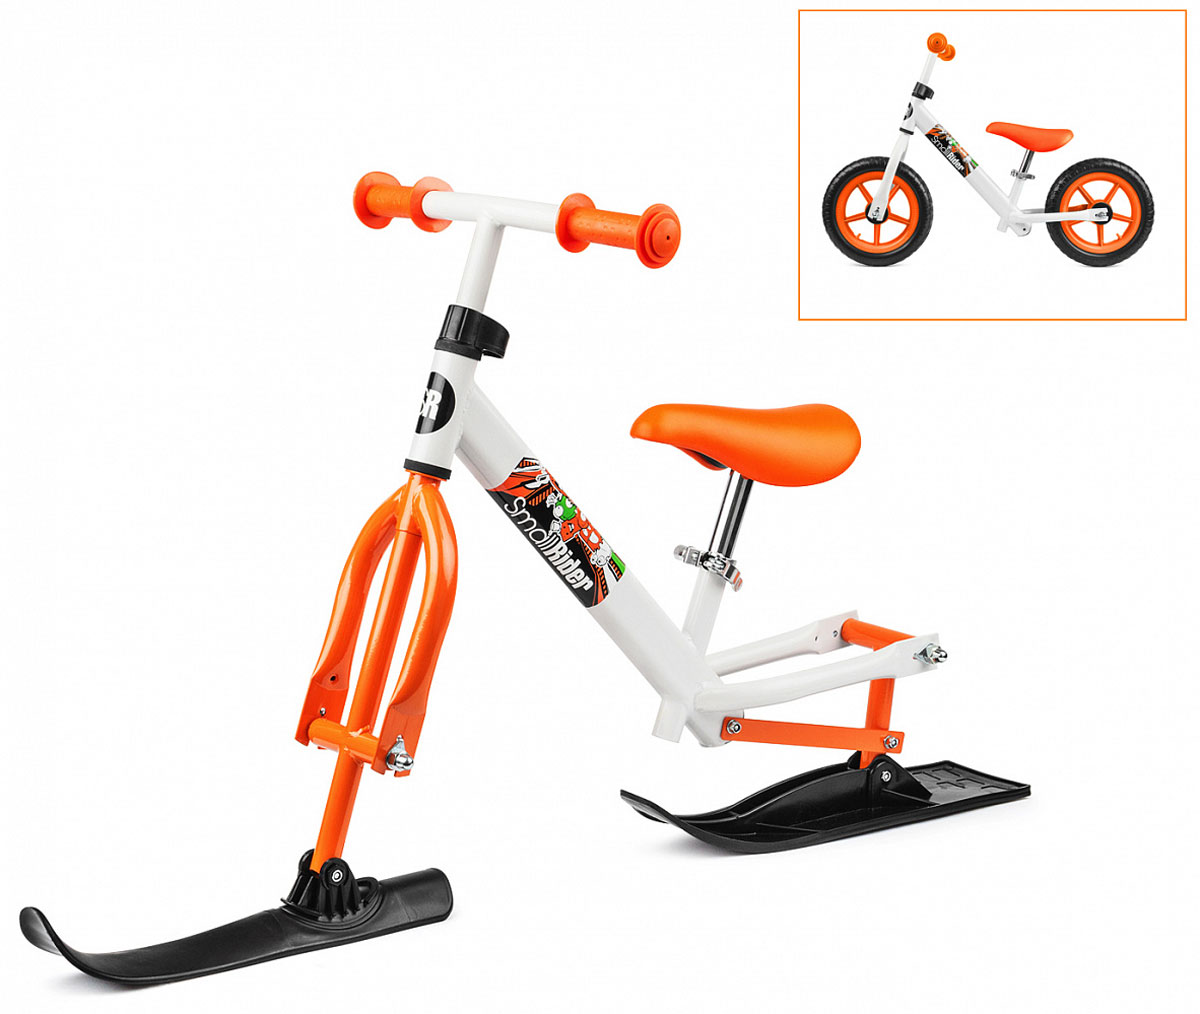 Small Rider Беговел Combo Racer 2 в 1 с лыжами и колесами цвет оранжевый - Беговелы